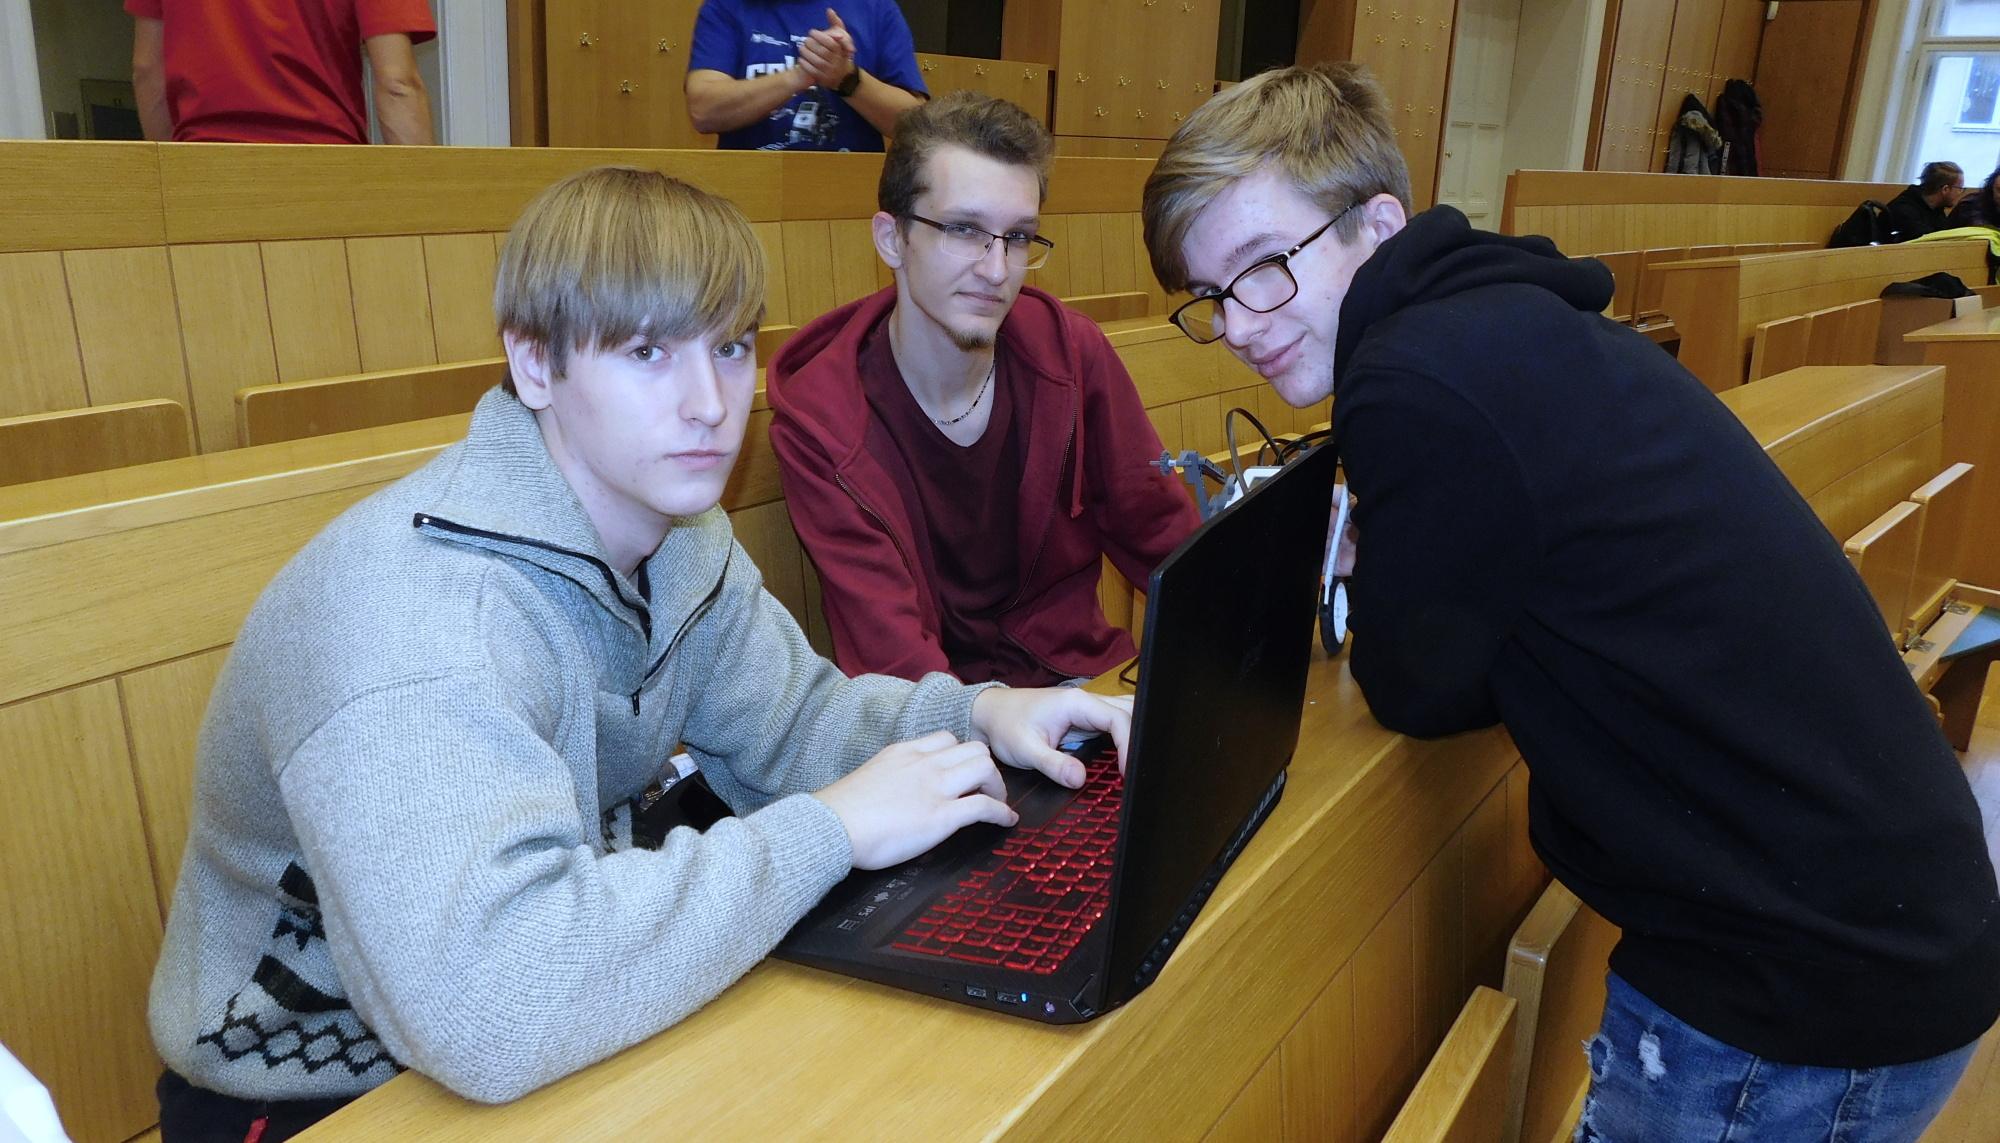 Úspěch studentů v robosoutěži na ČVUT v Praze